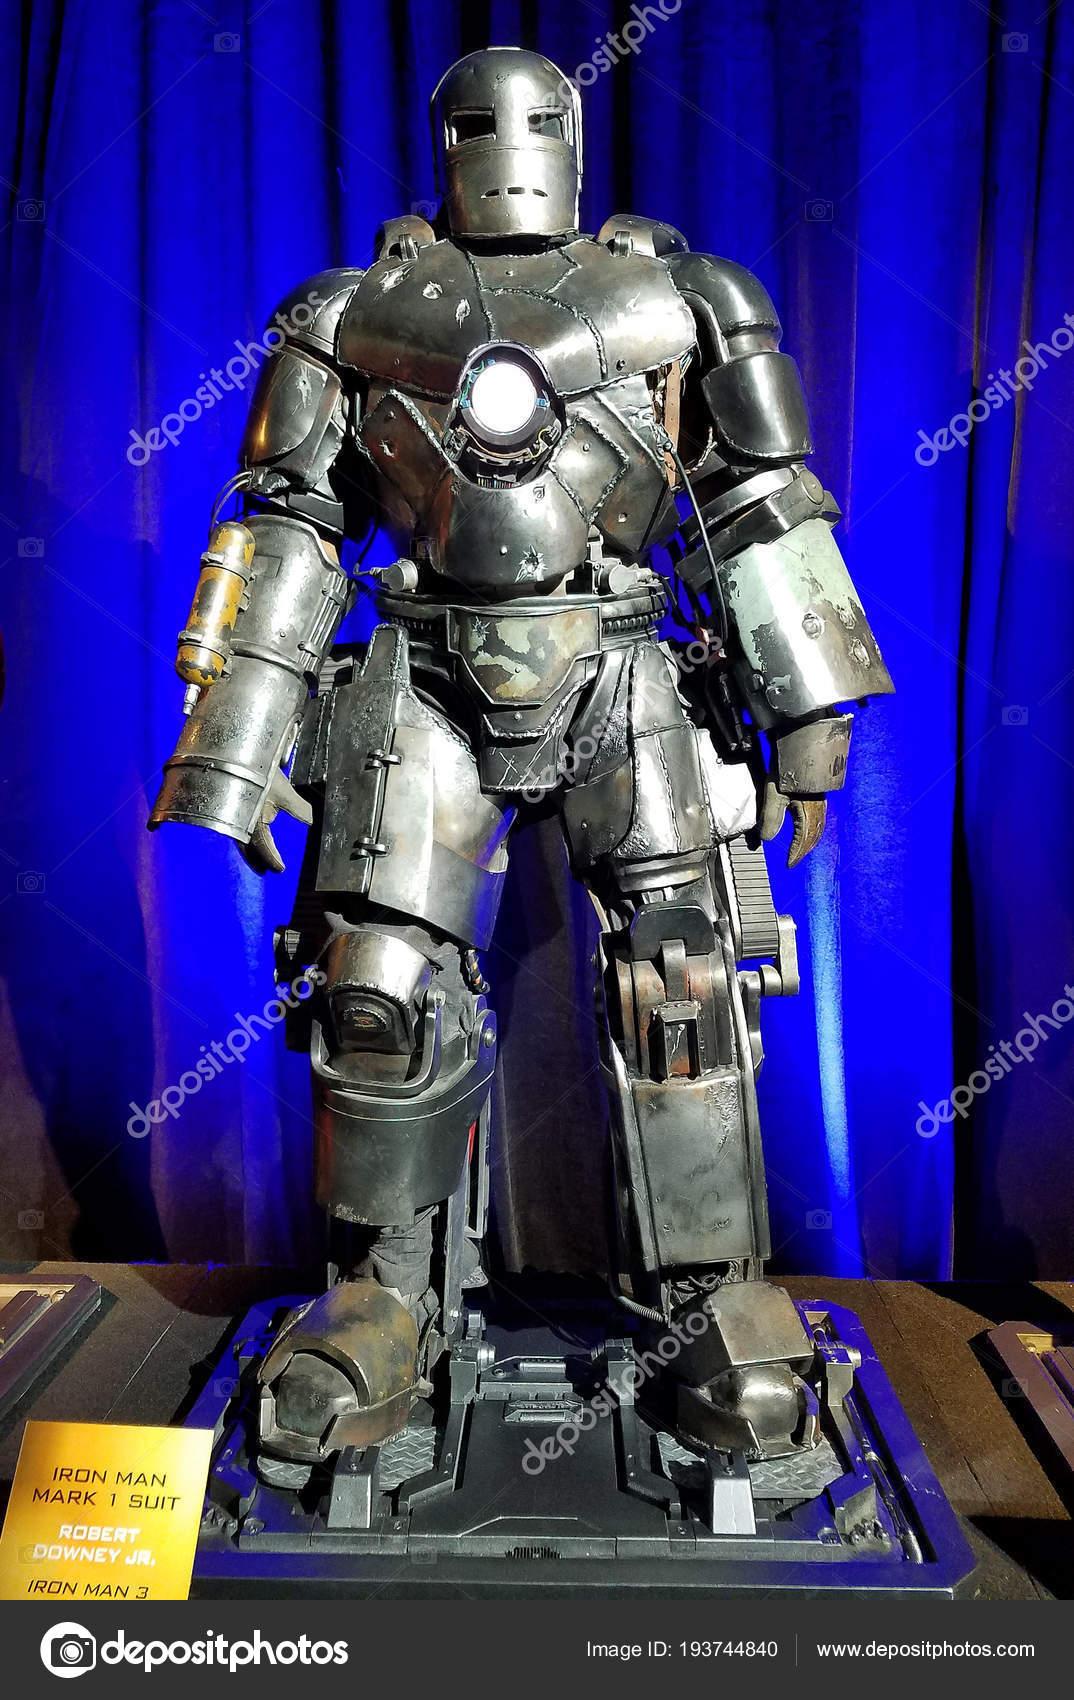 58+ Gambar Iron Man Terbaru Download HD Terbaik